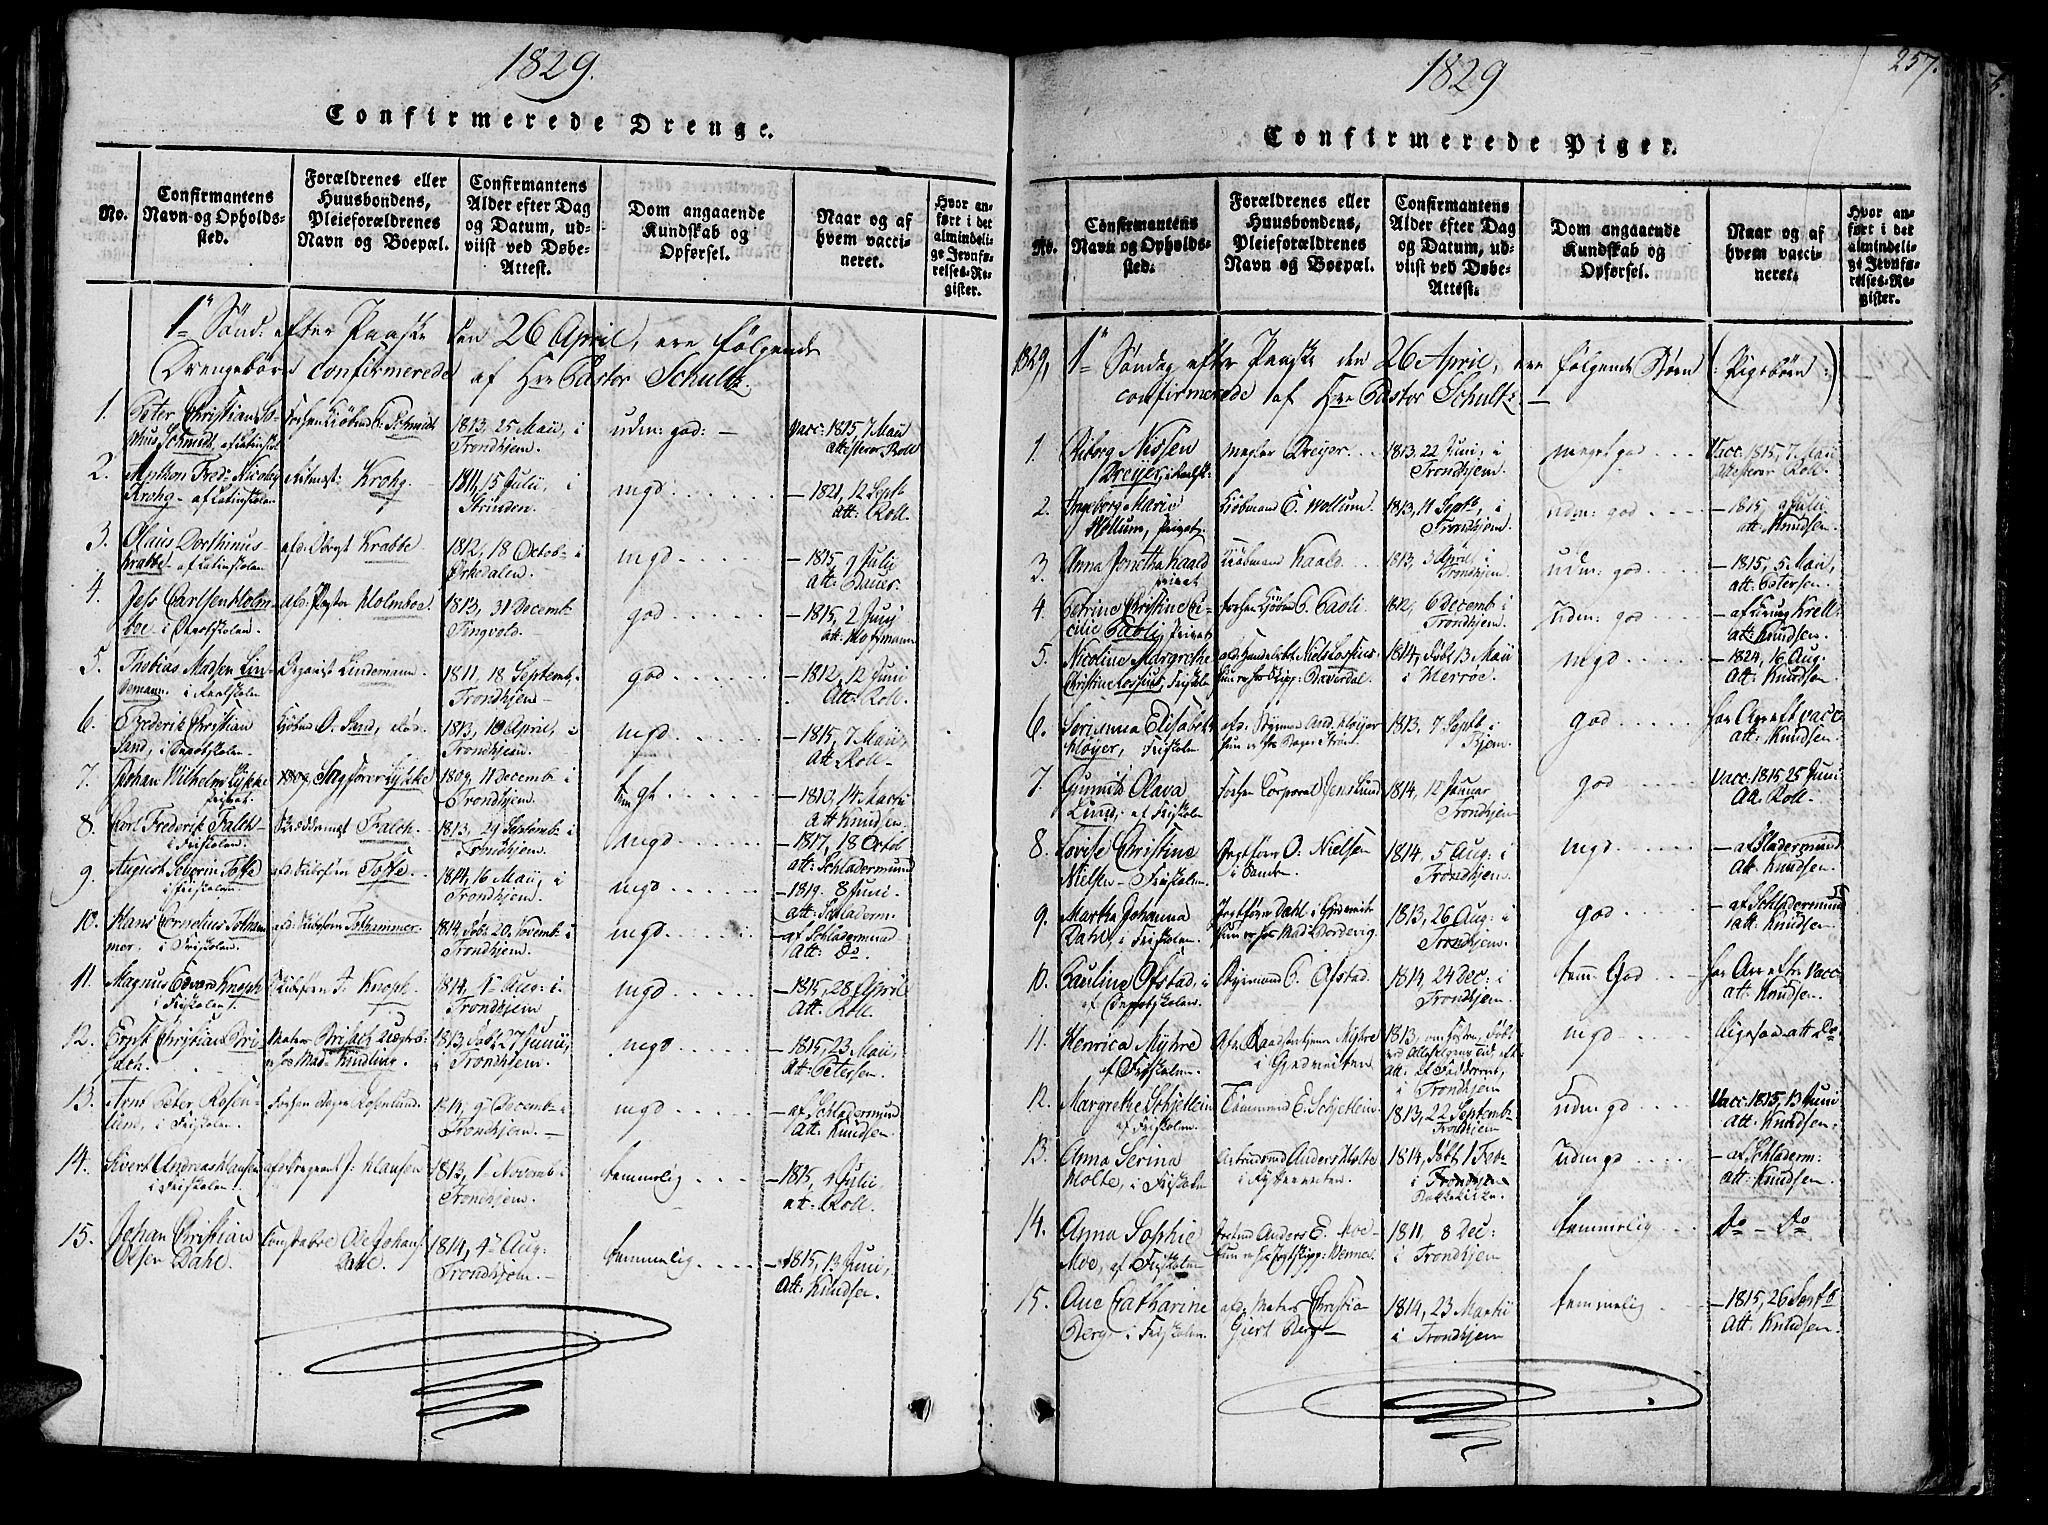 SAT, Ministerialprotokoller, klokkerbøker og fødselsregistre - Sør-Trøndelag, 602/L0135: Klokkerbok nr. 602C03, 1815-1832, s. 257